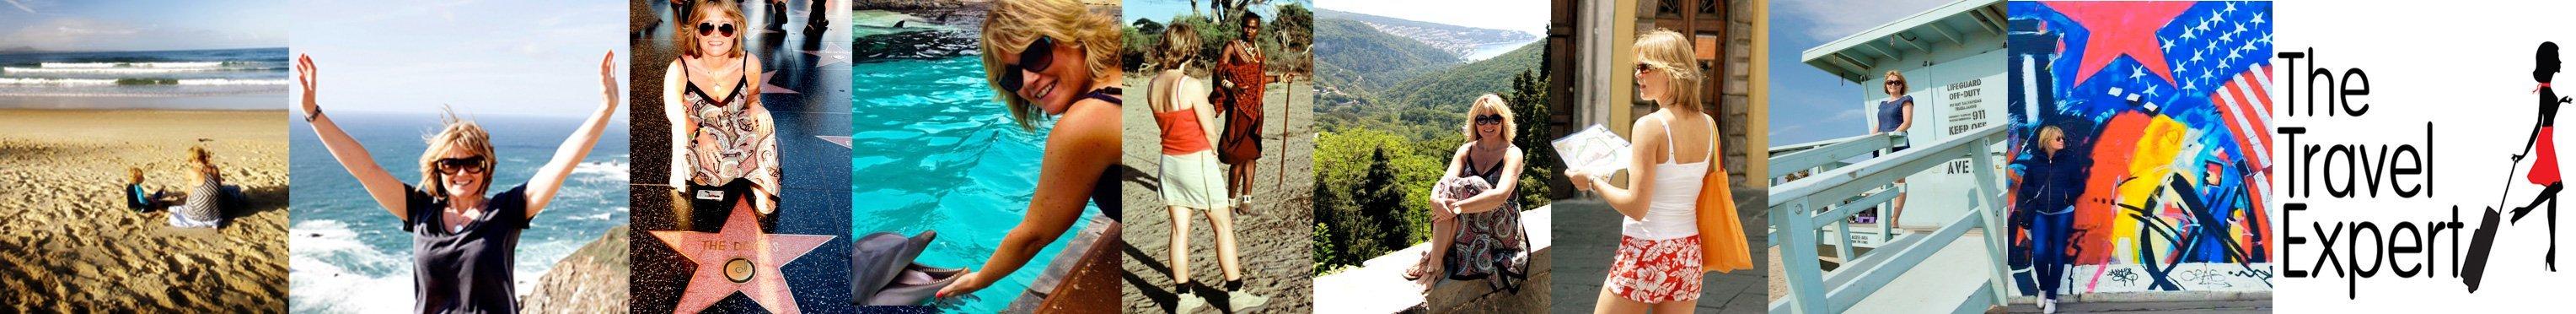 The Travel Expert - Sarah Slattery